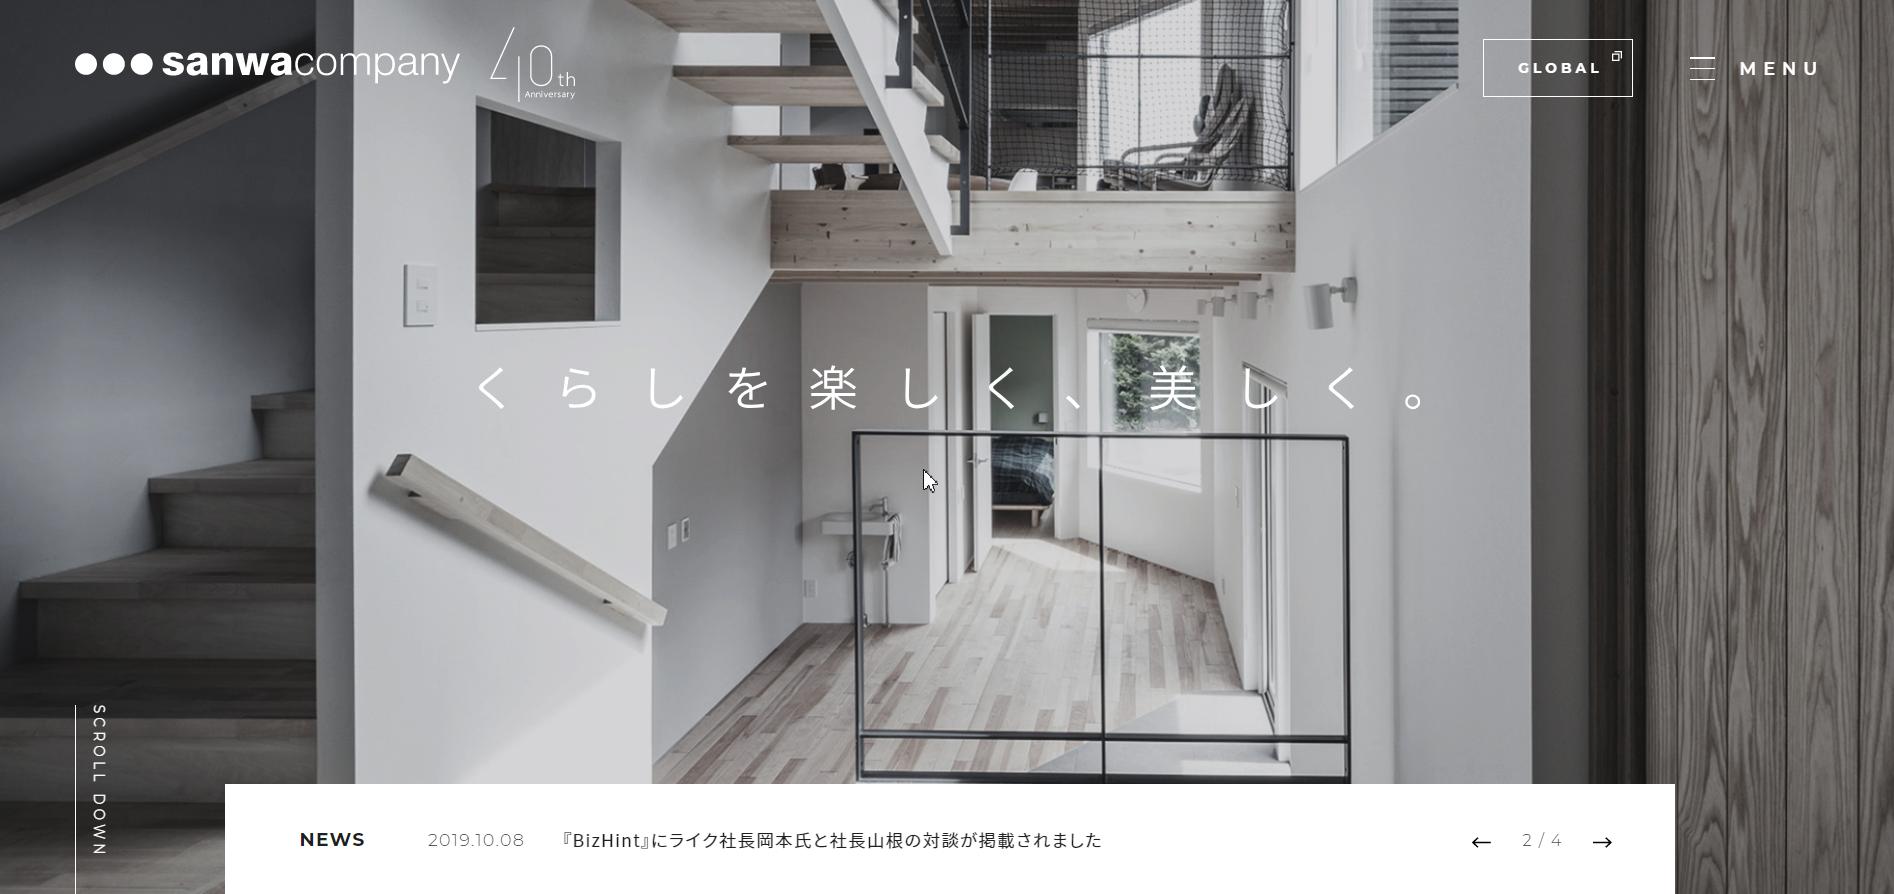 株式会社サンワカンパニーのコーポレートサイトのトップページイメージ